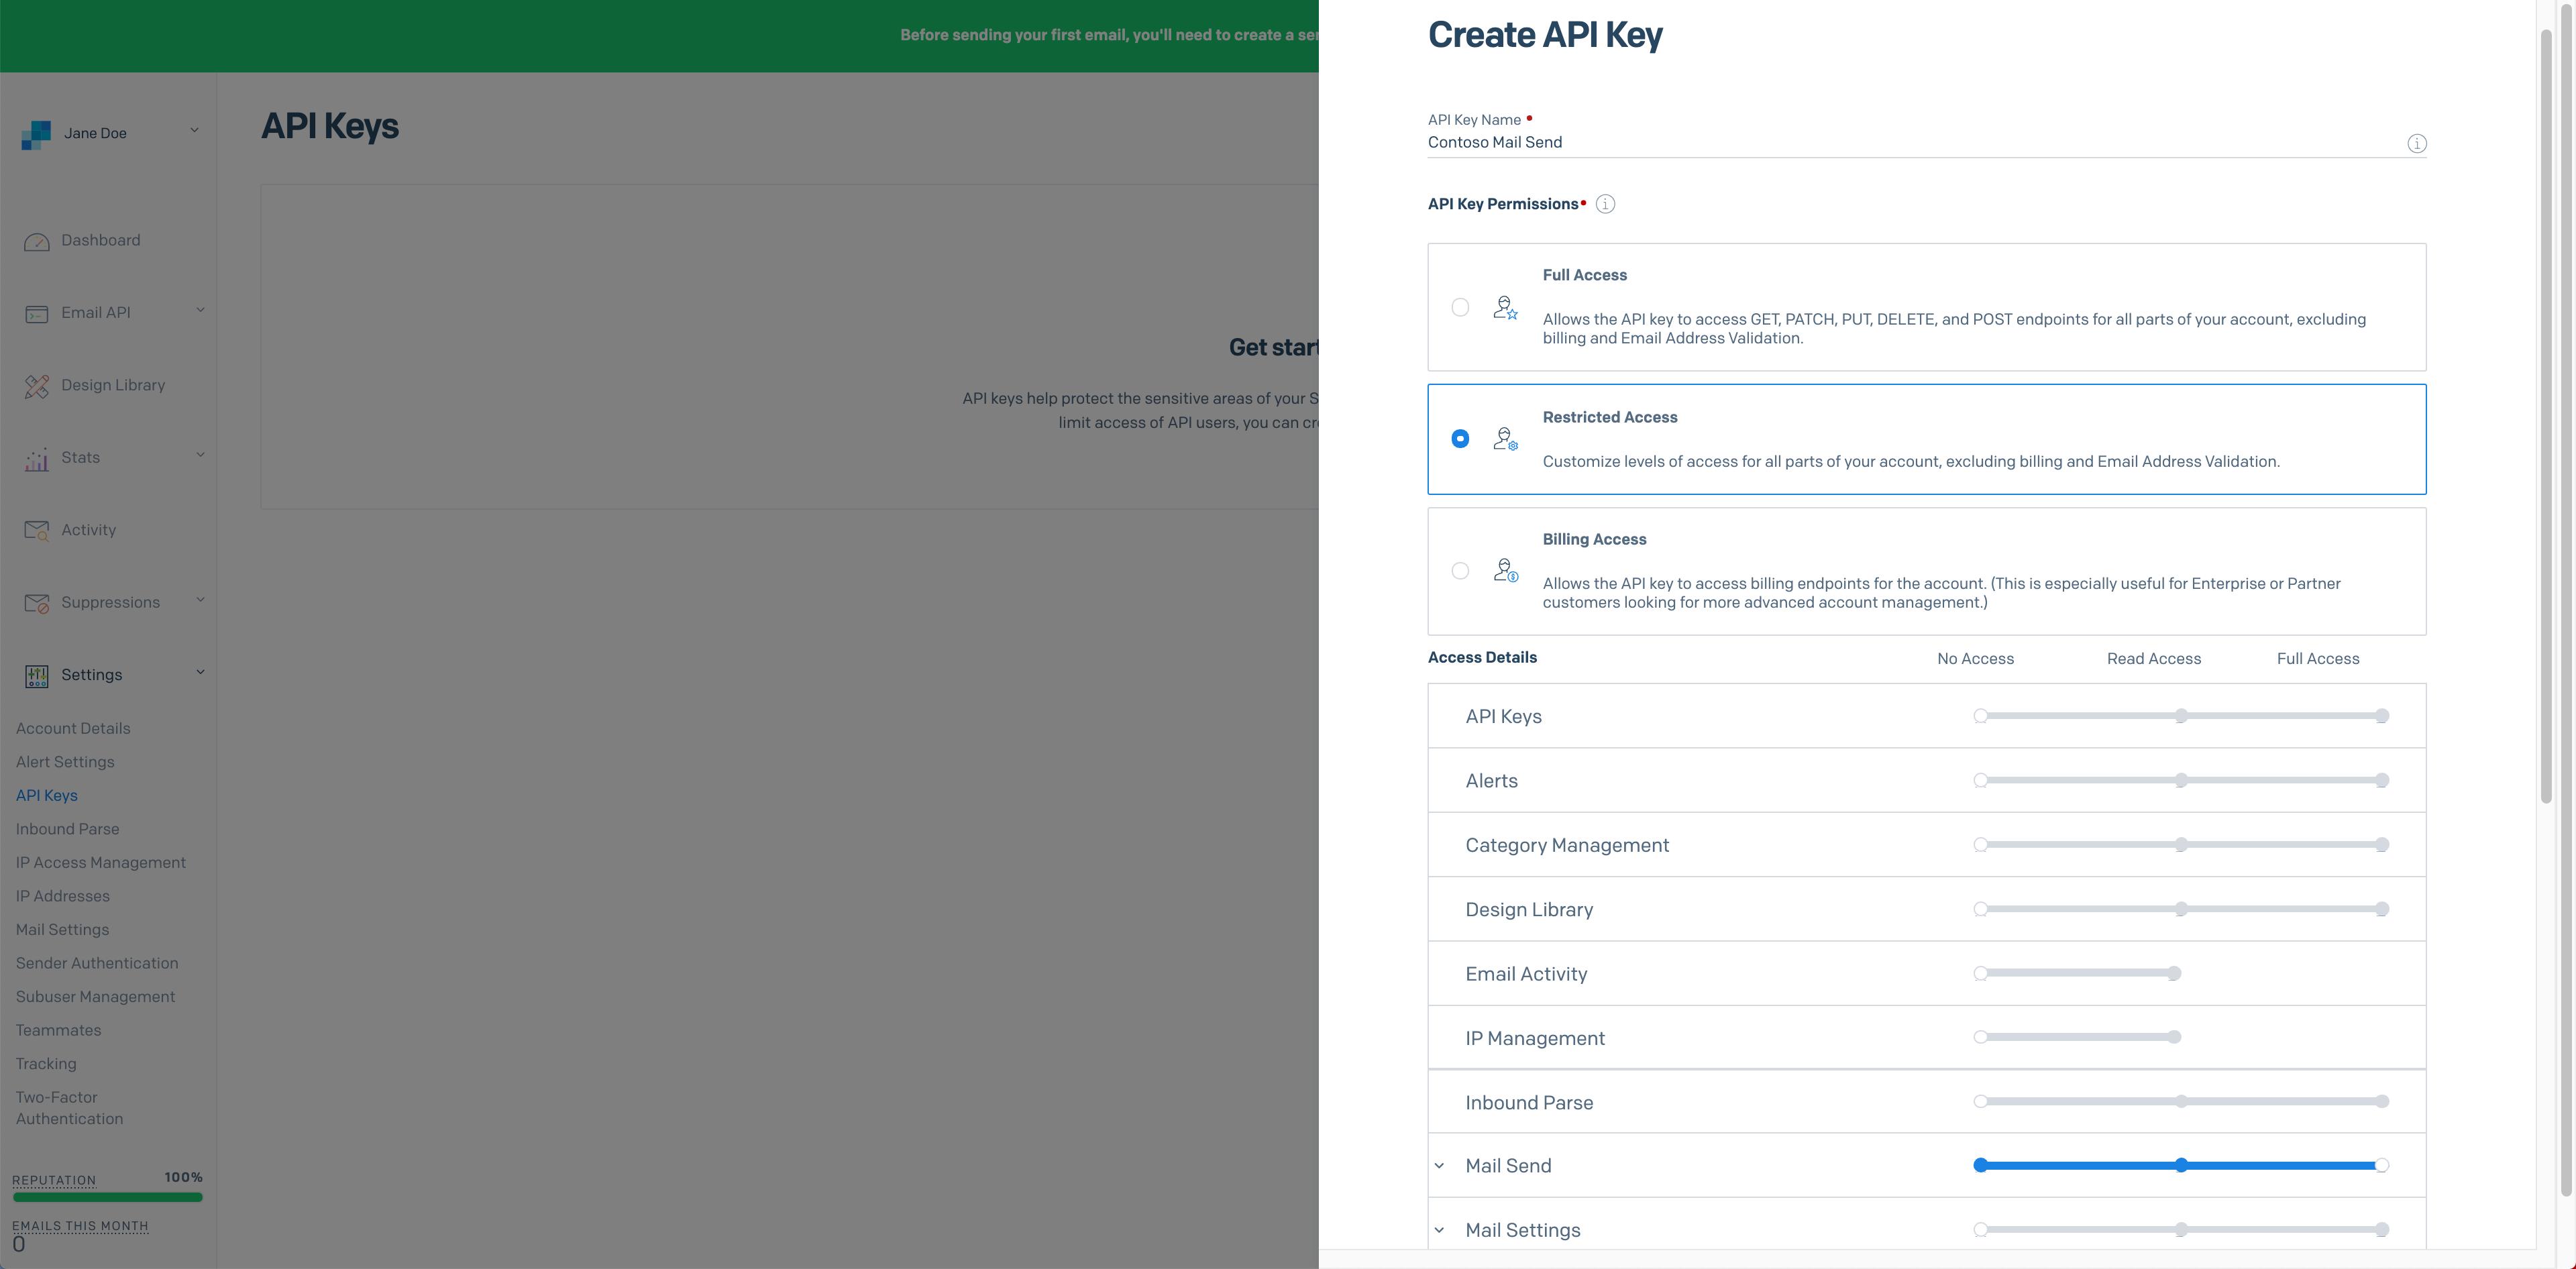 A modal where you can name configure and configure an API key